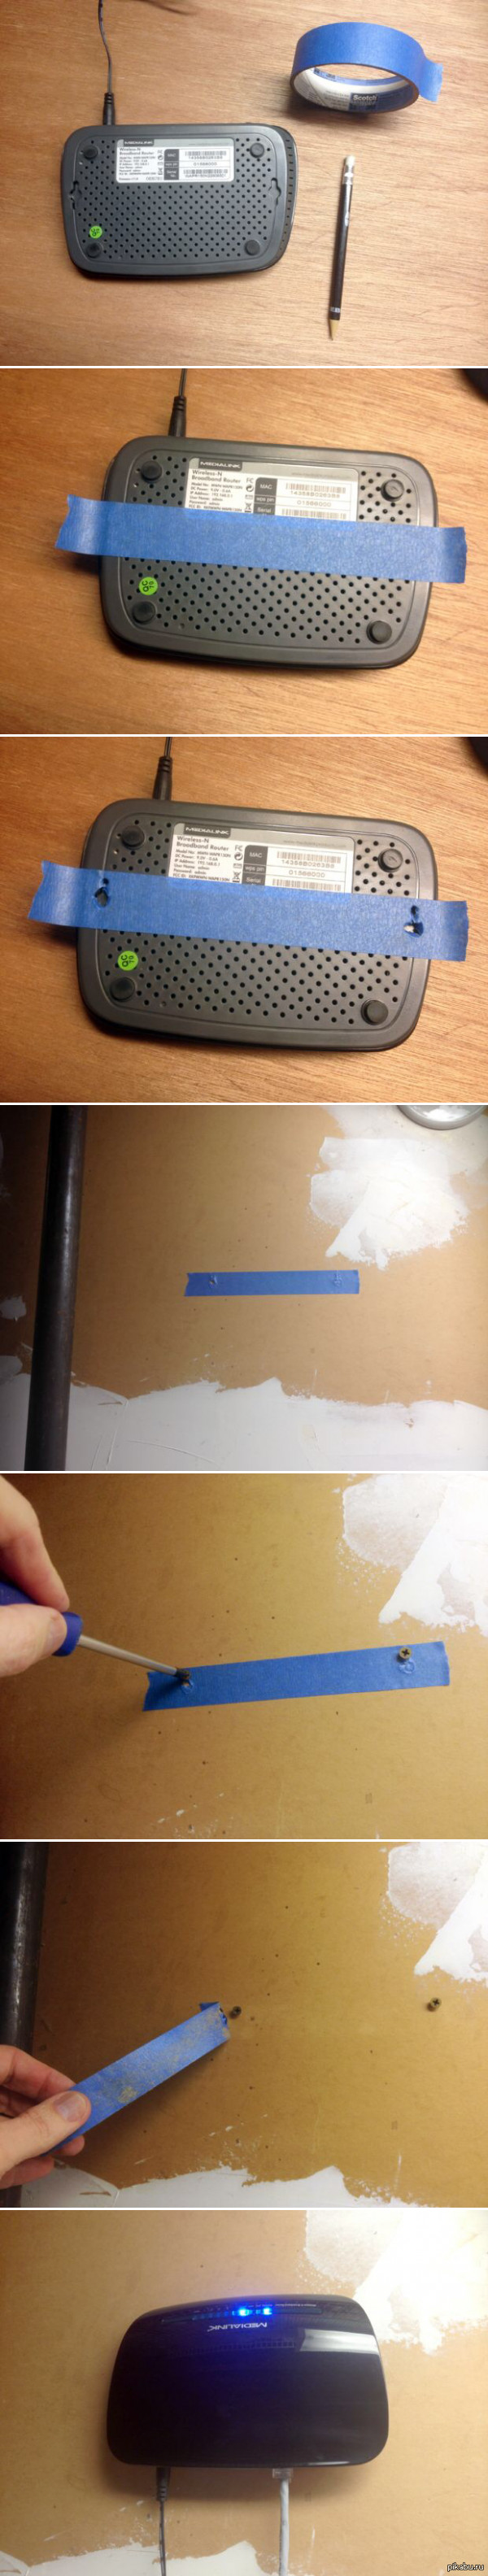 3 - Лайфхак / как отметить отверстия на стене под роутер или свич